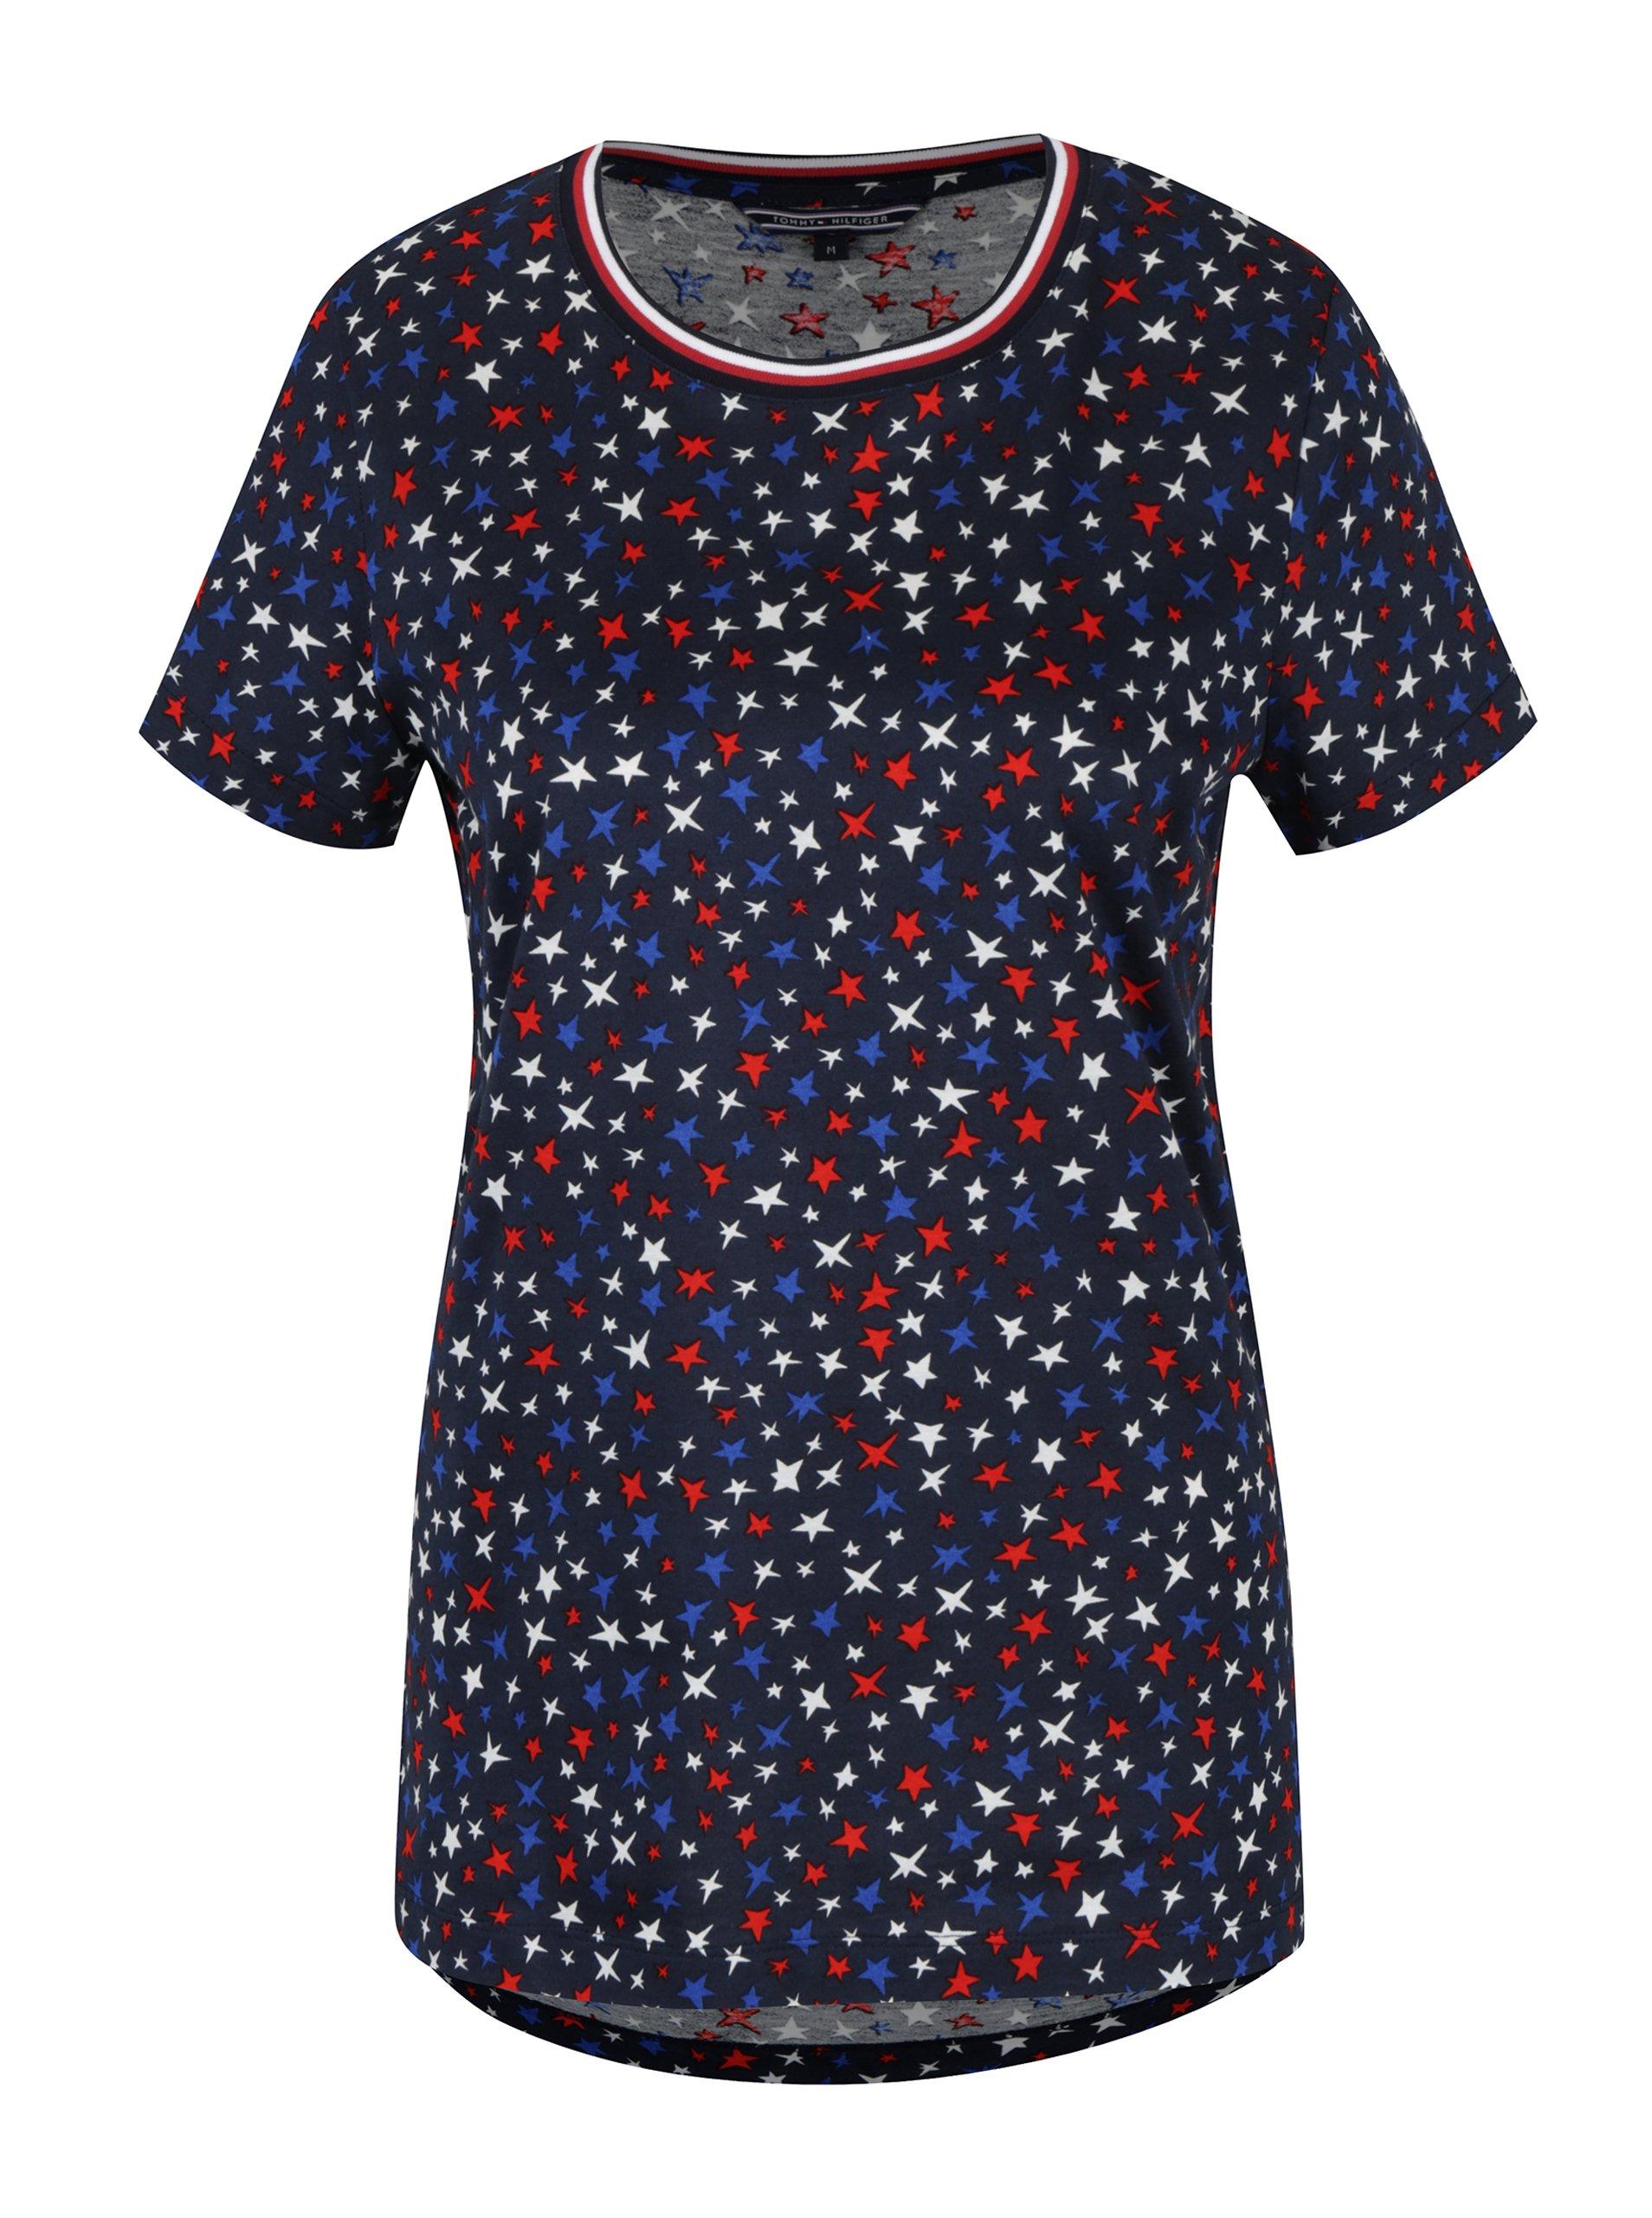 Tmavě modré dámské tričko s motivem hvězd Tommy Hilfiger